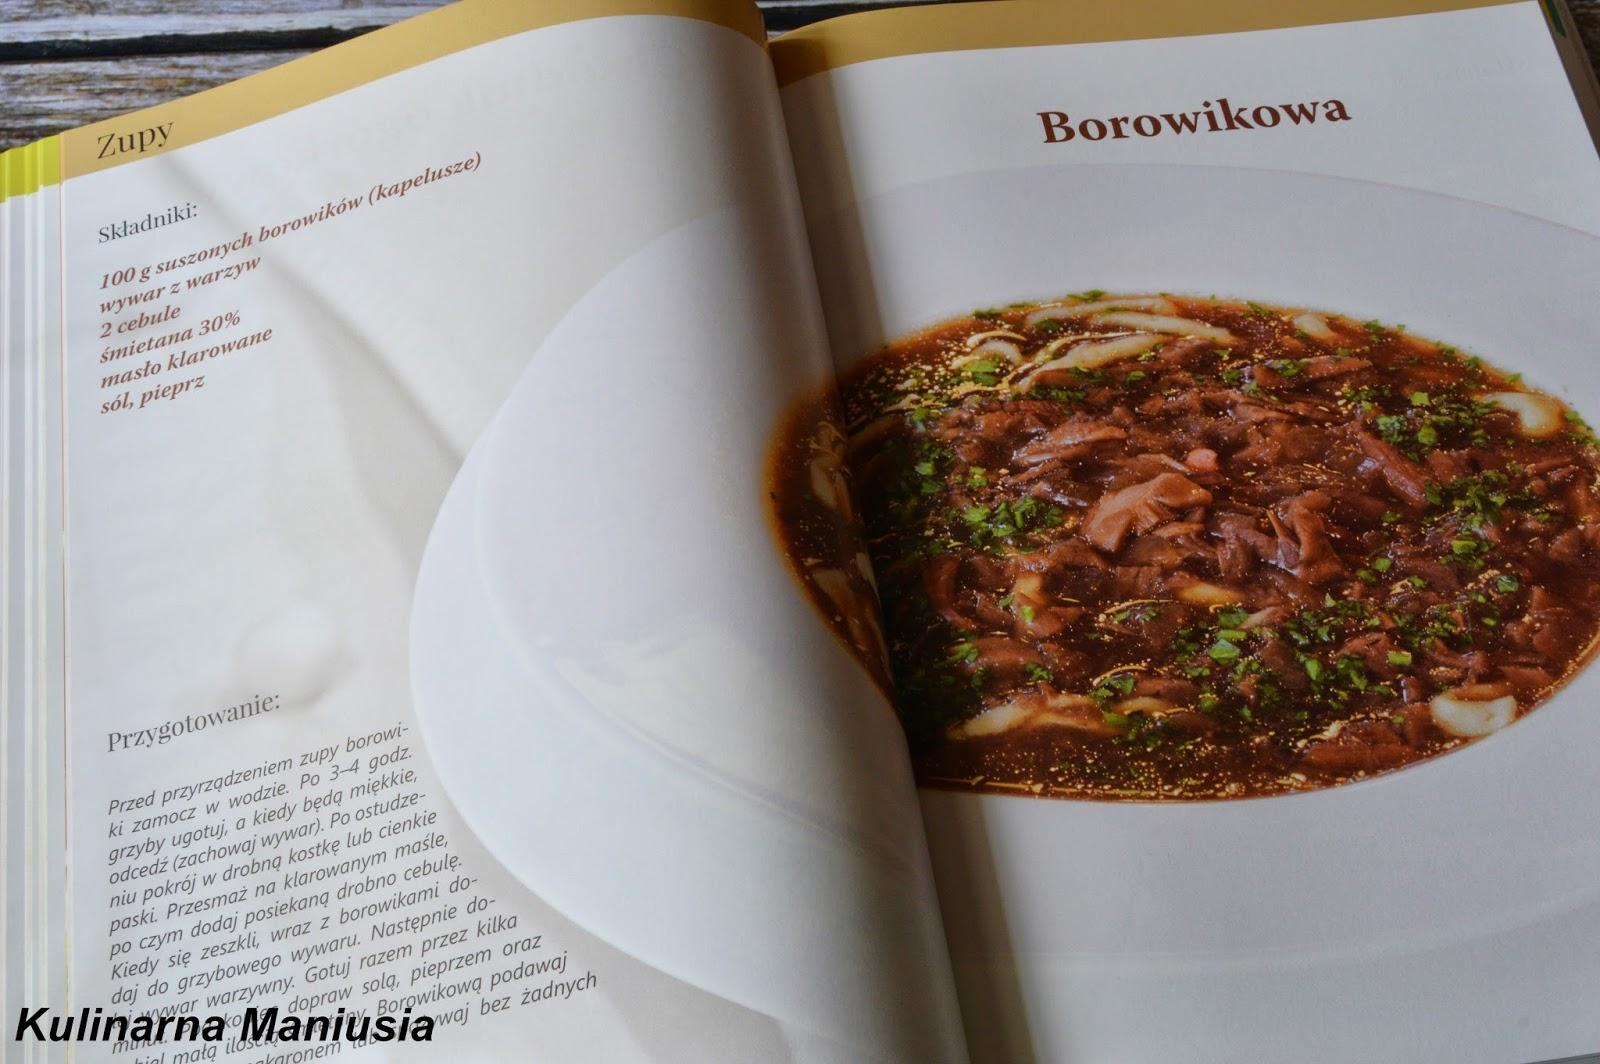 Moja Kuchnia Polska Recenzja Książki Kulinarna Maniusia